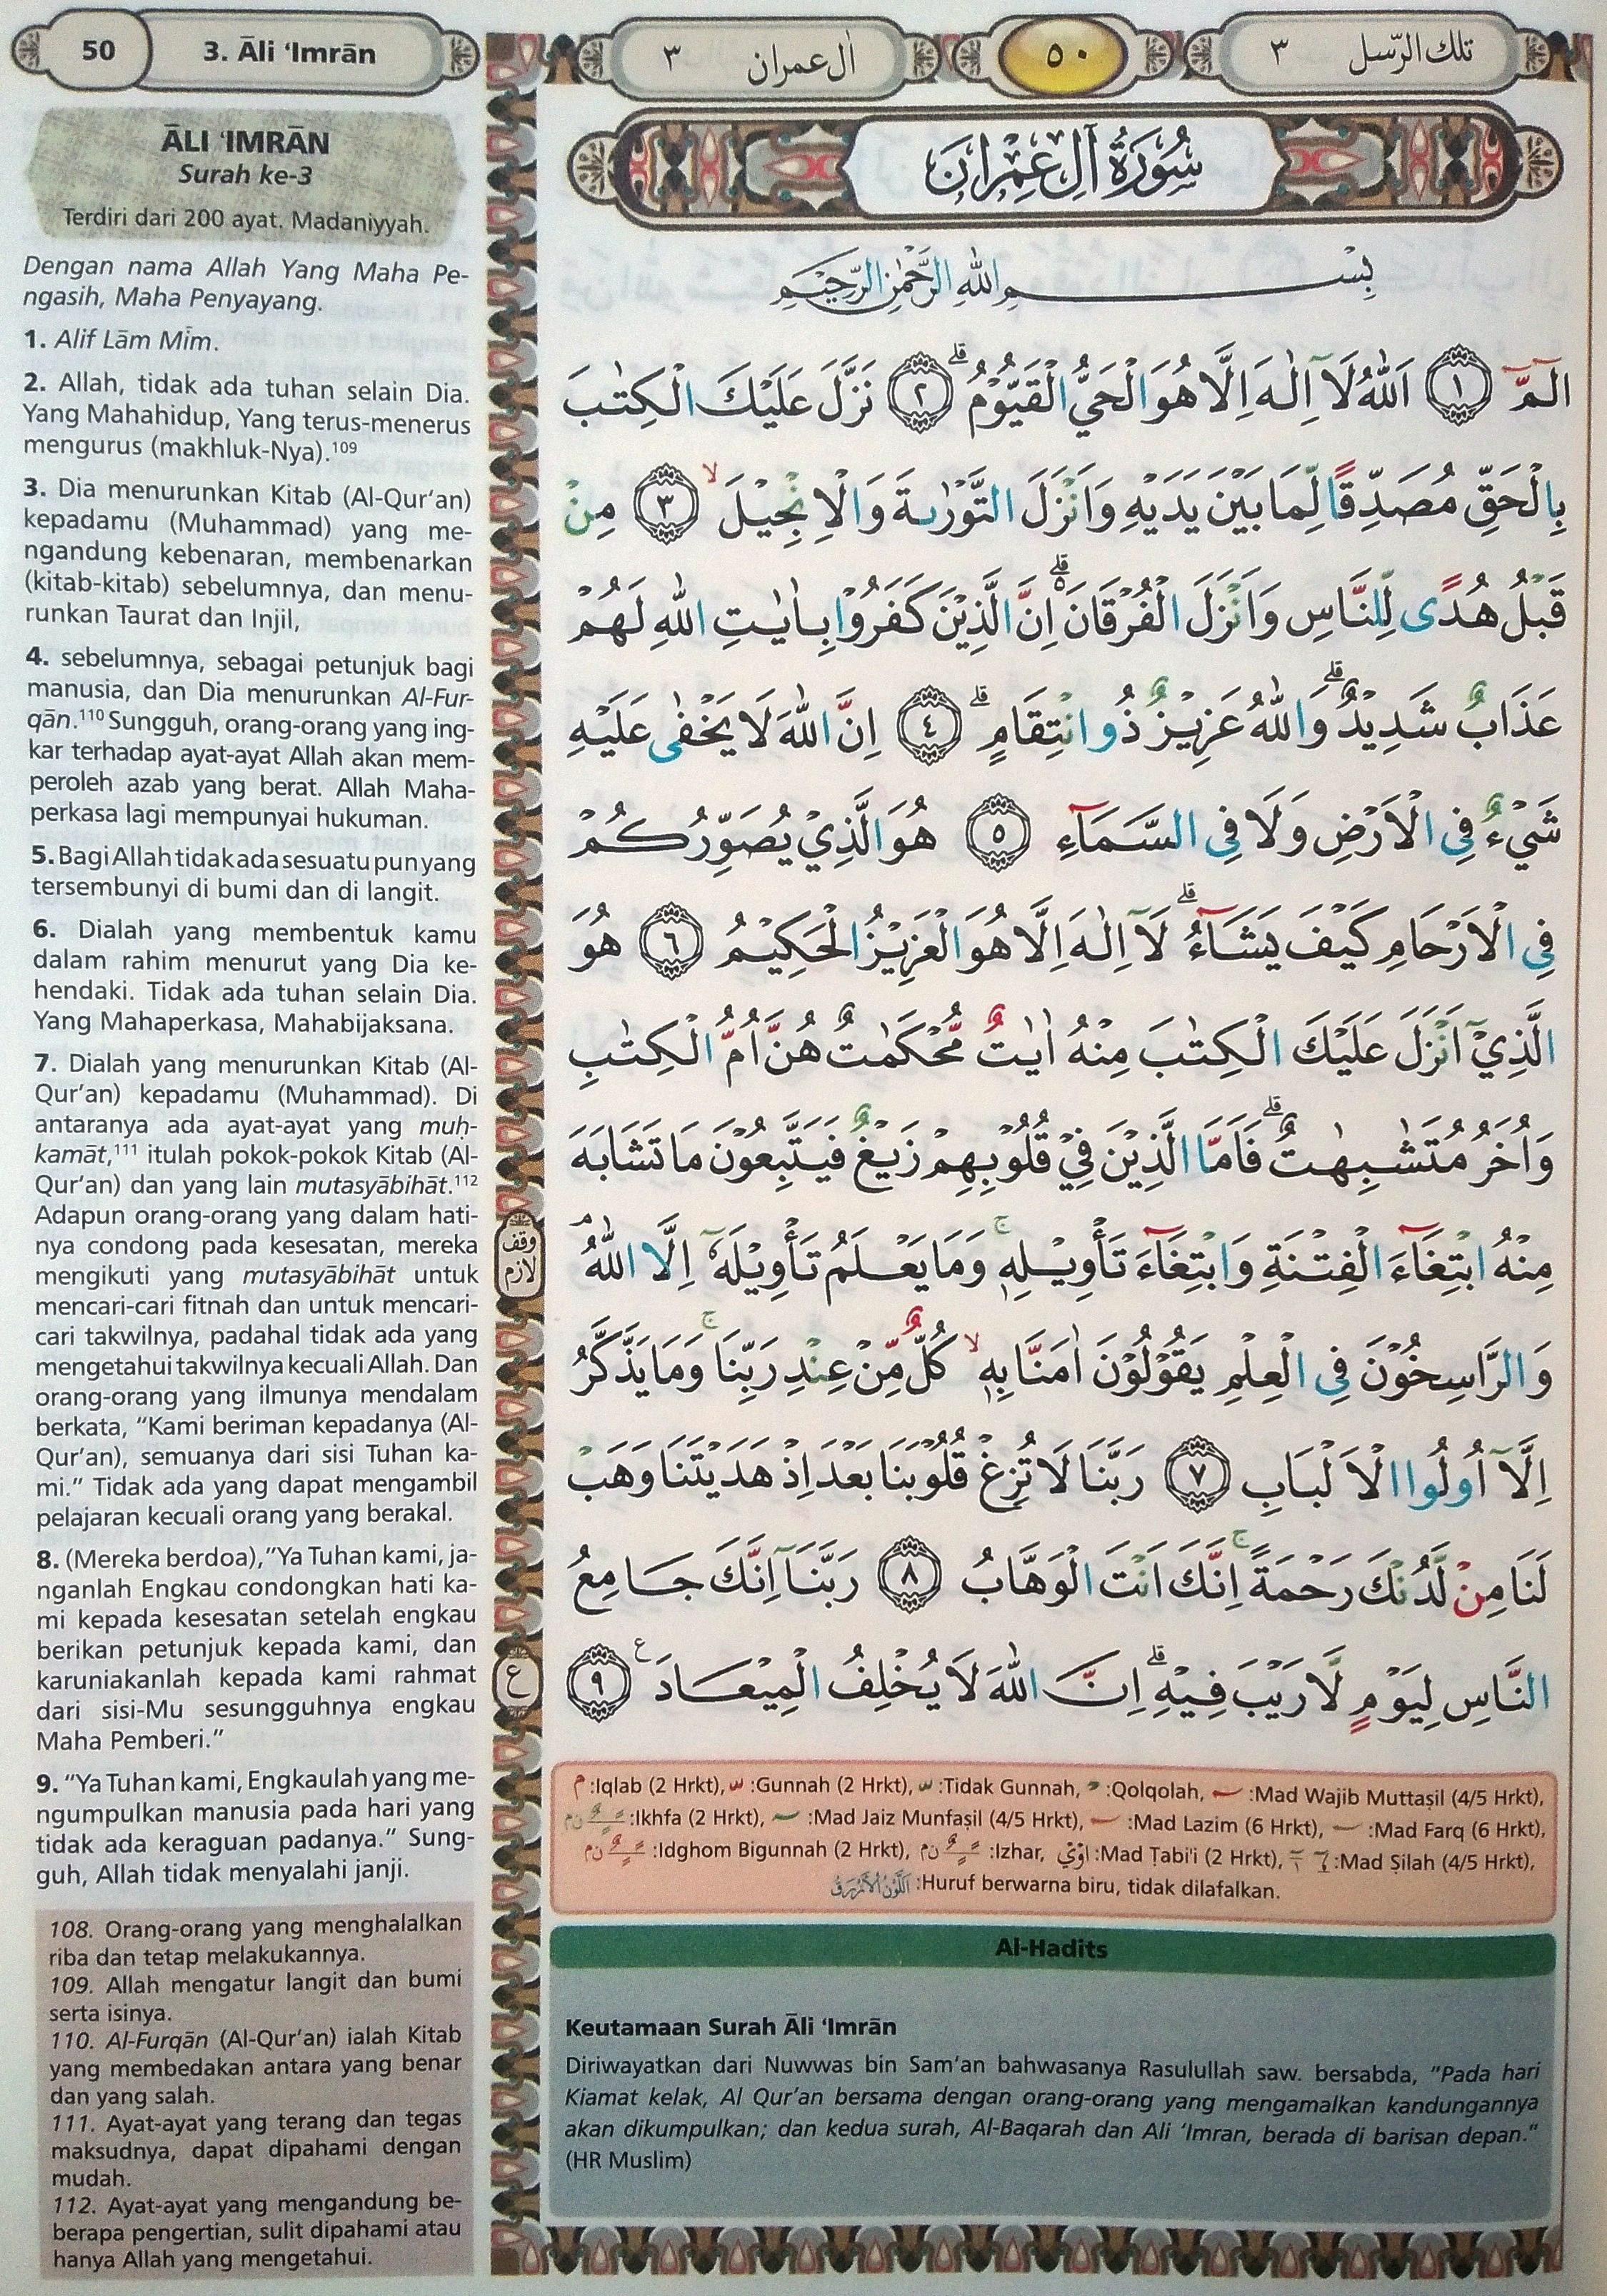 Ali Imran 1-9